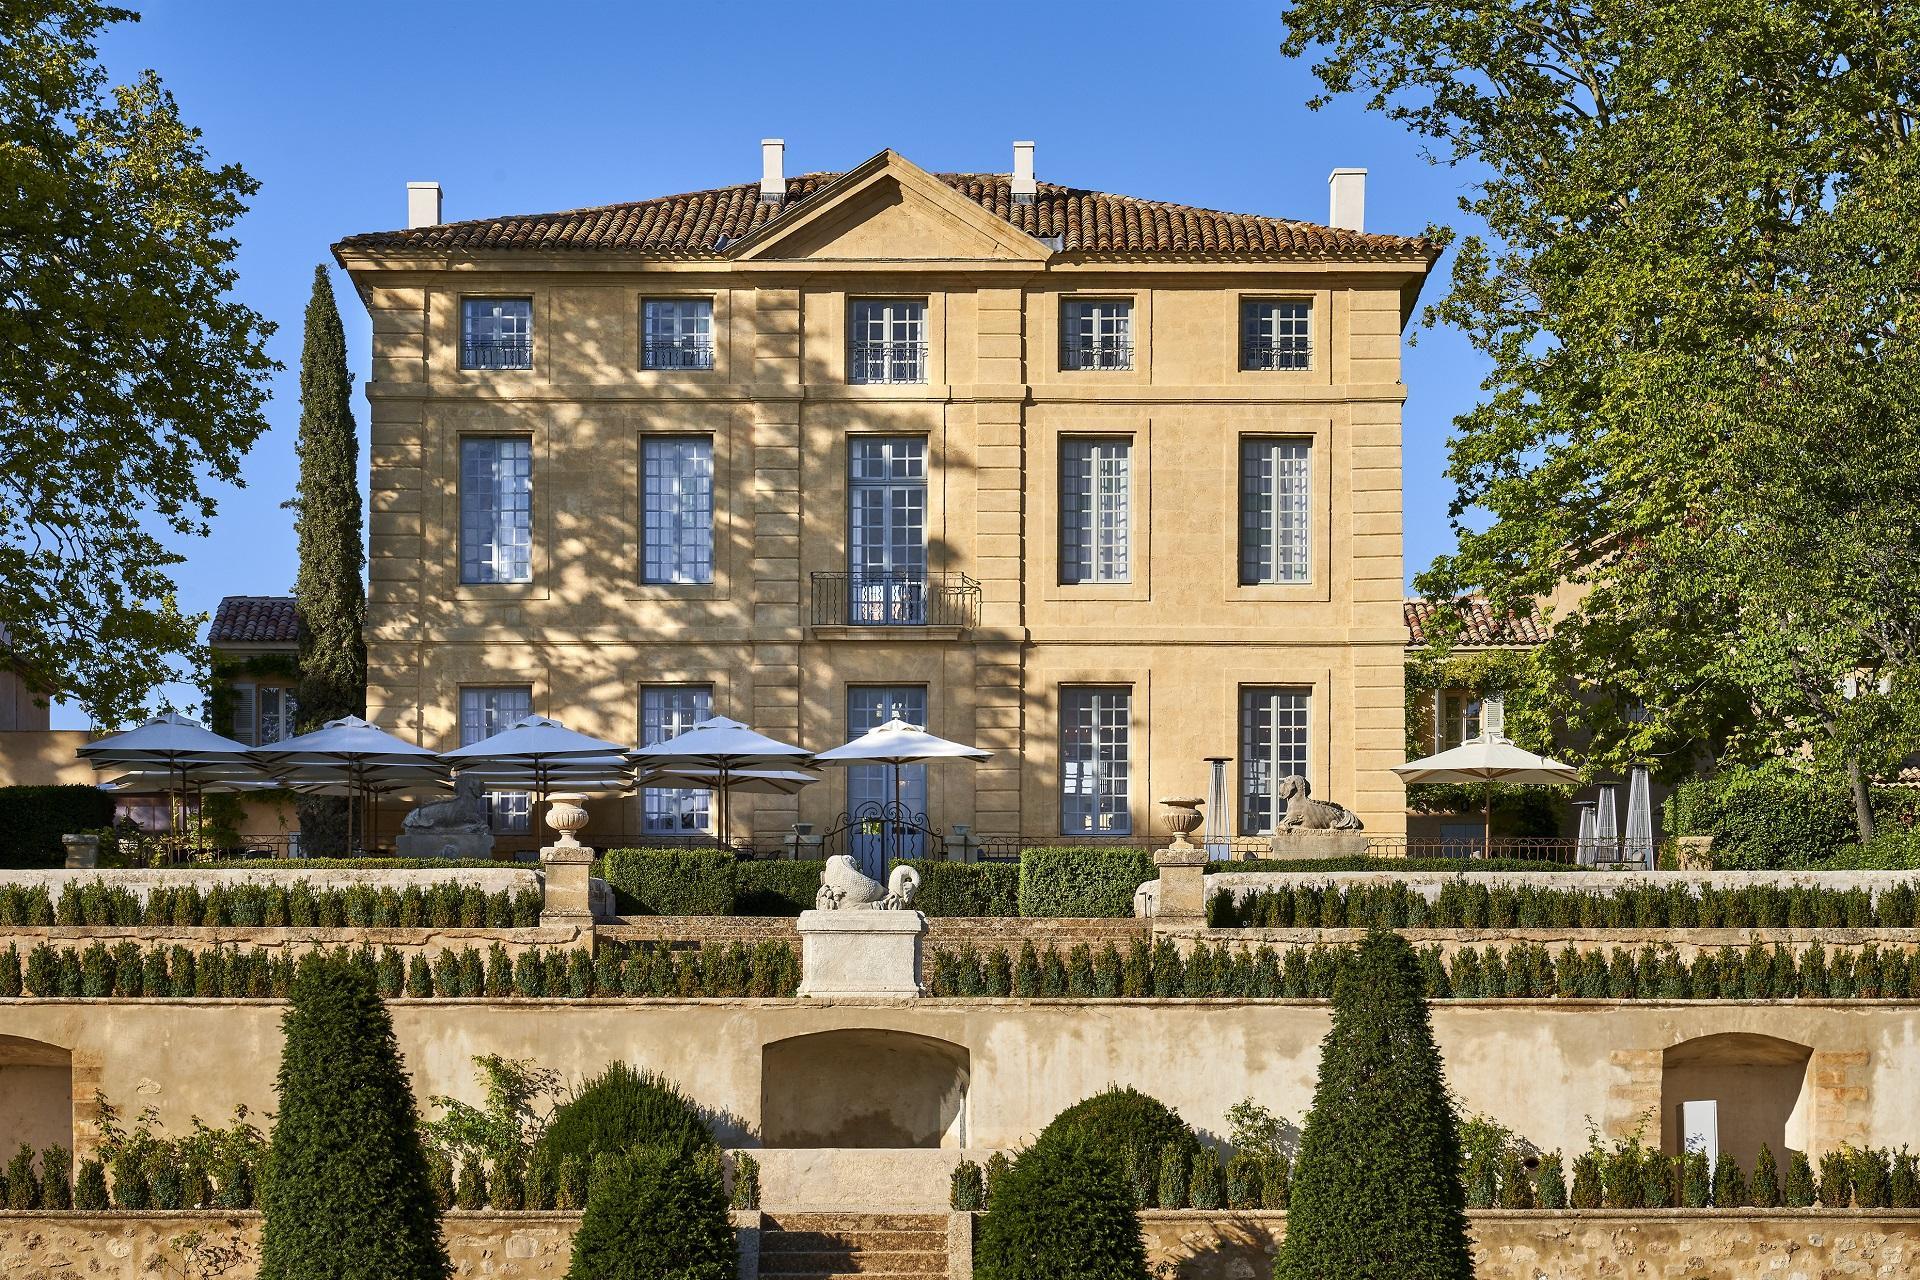 Chateau-de-la-Gaude-aix-en-provence-facade